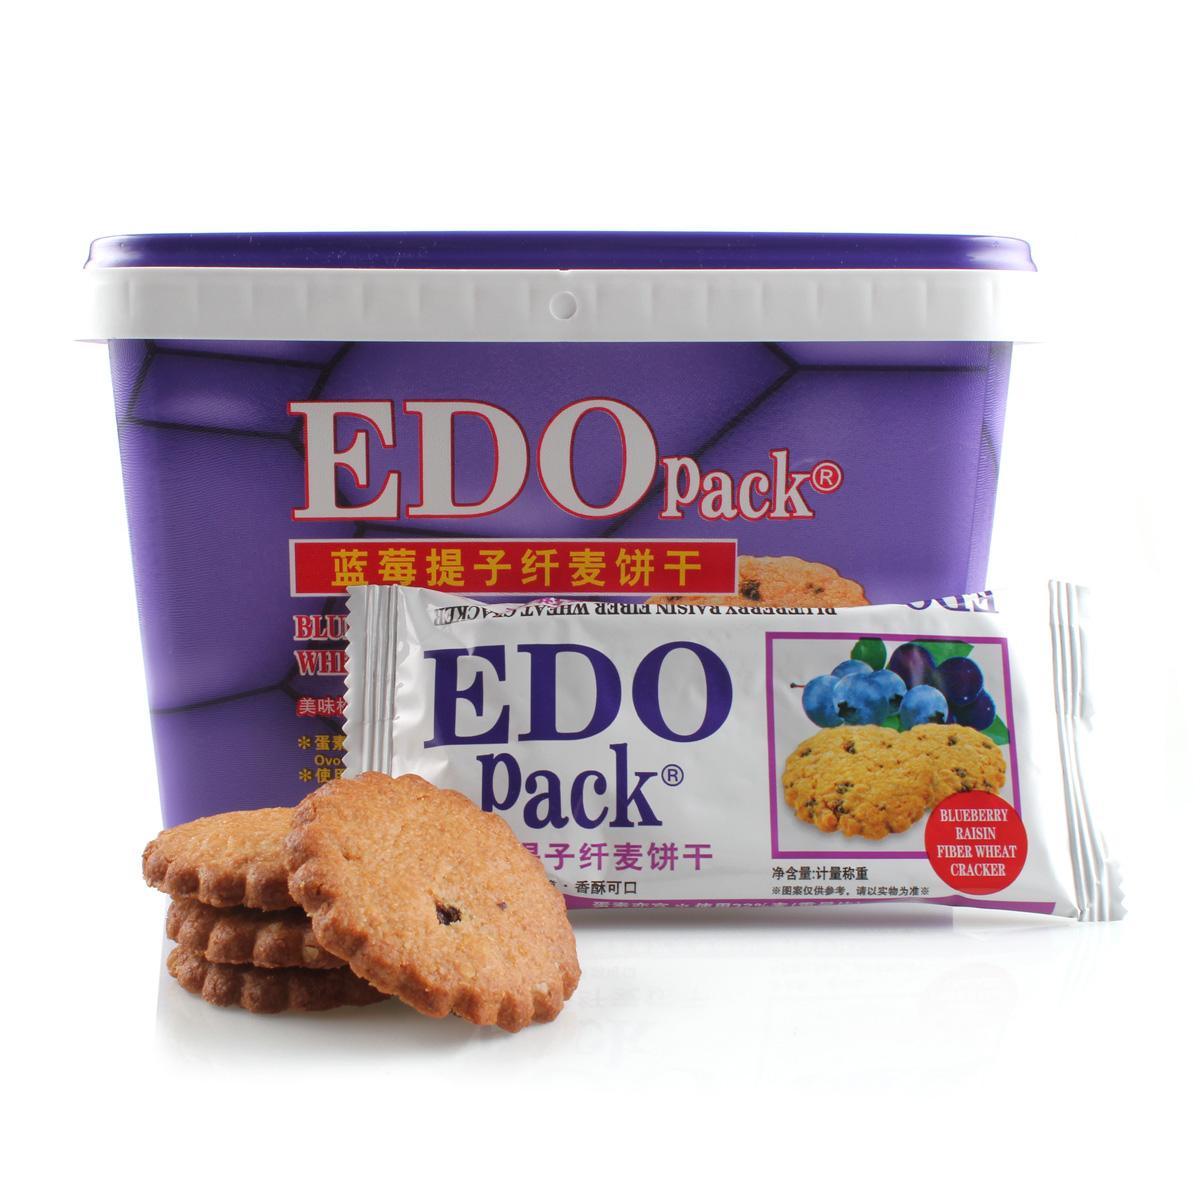 edo pack夾心餅幹芝士味 海苔 榴蓮蘇打藍莓提子纖麥餅幹600g盒裝